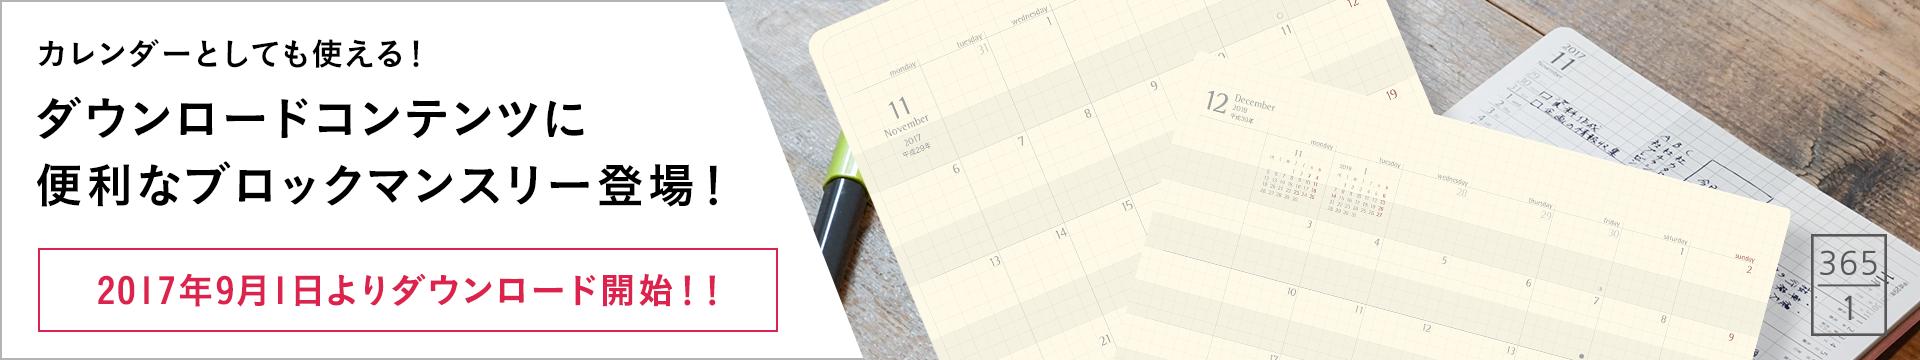 カレンダーとしても使える!ダウンロードコンテンツに便利なブロックマンスリー登場!